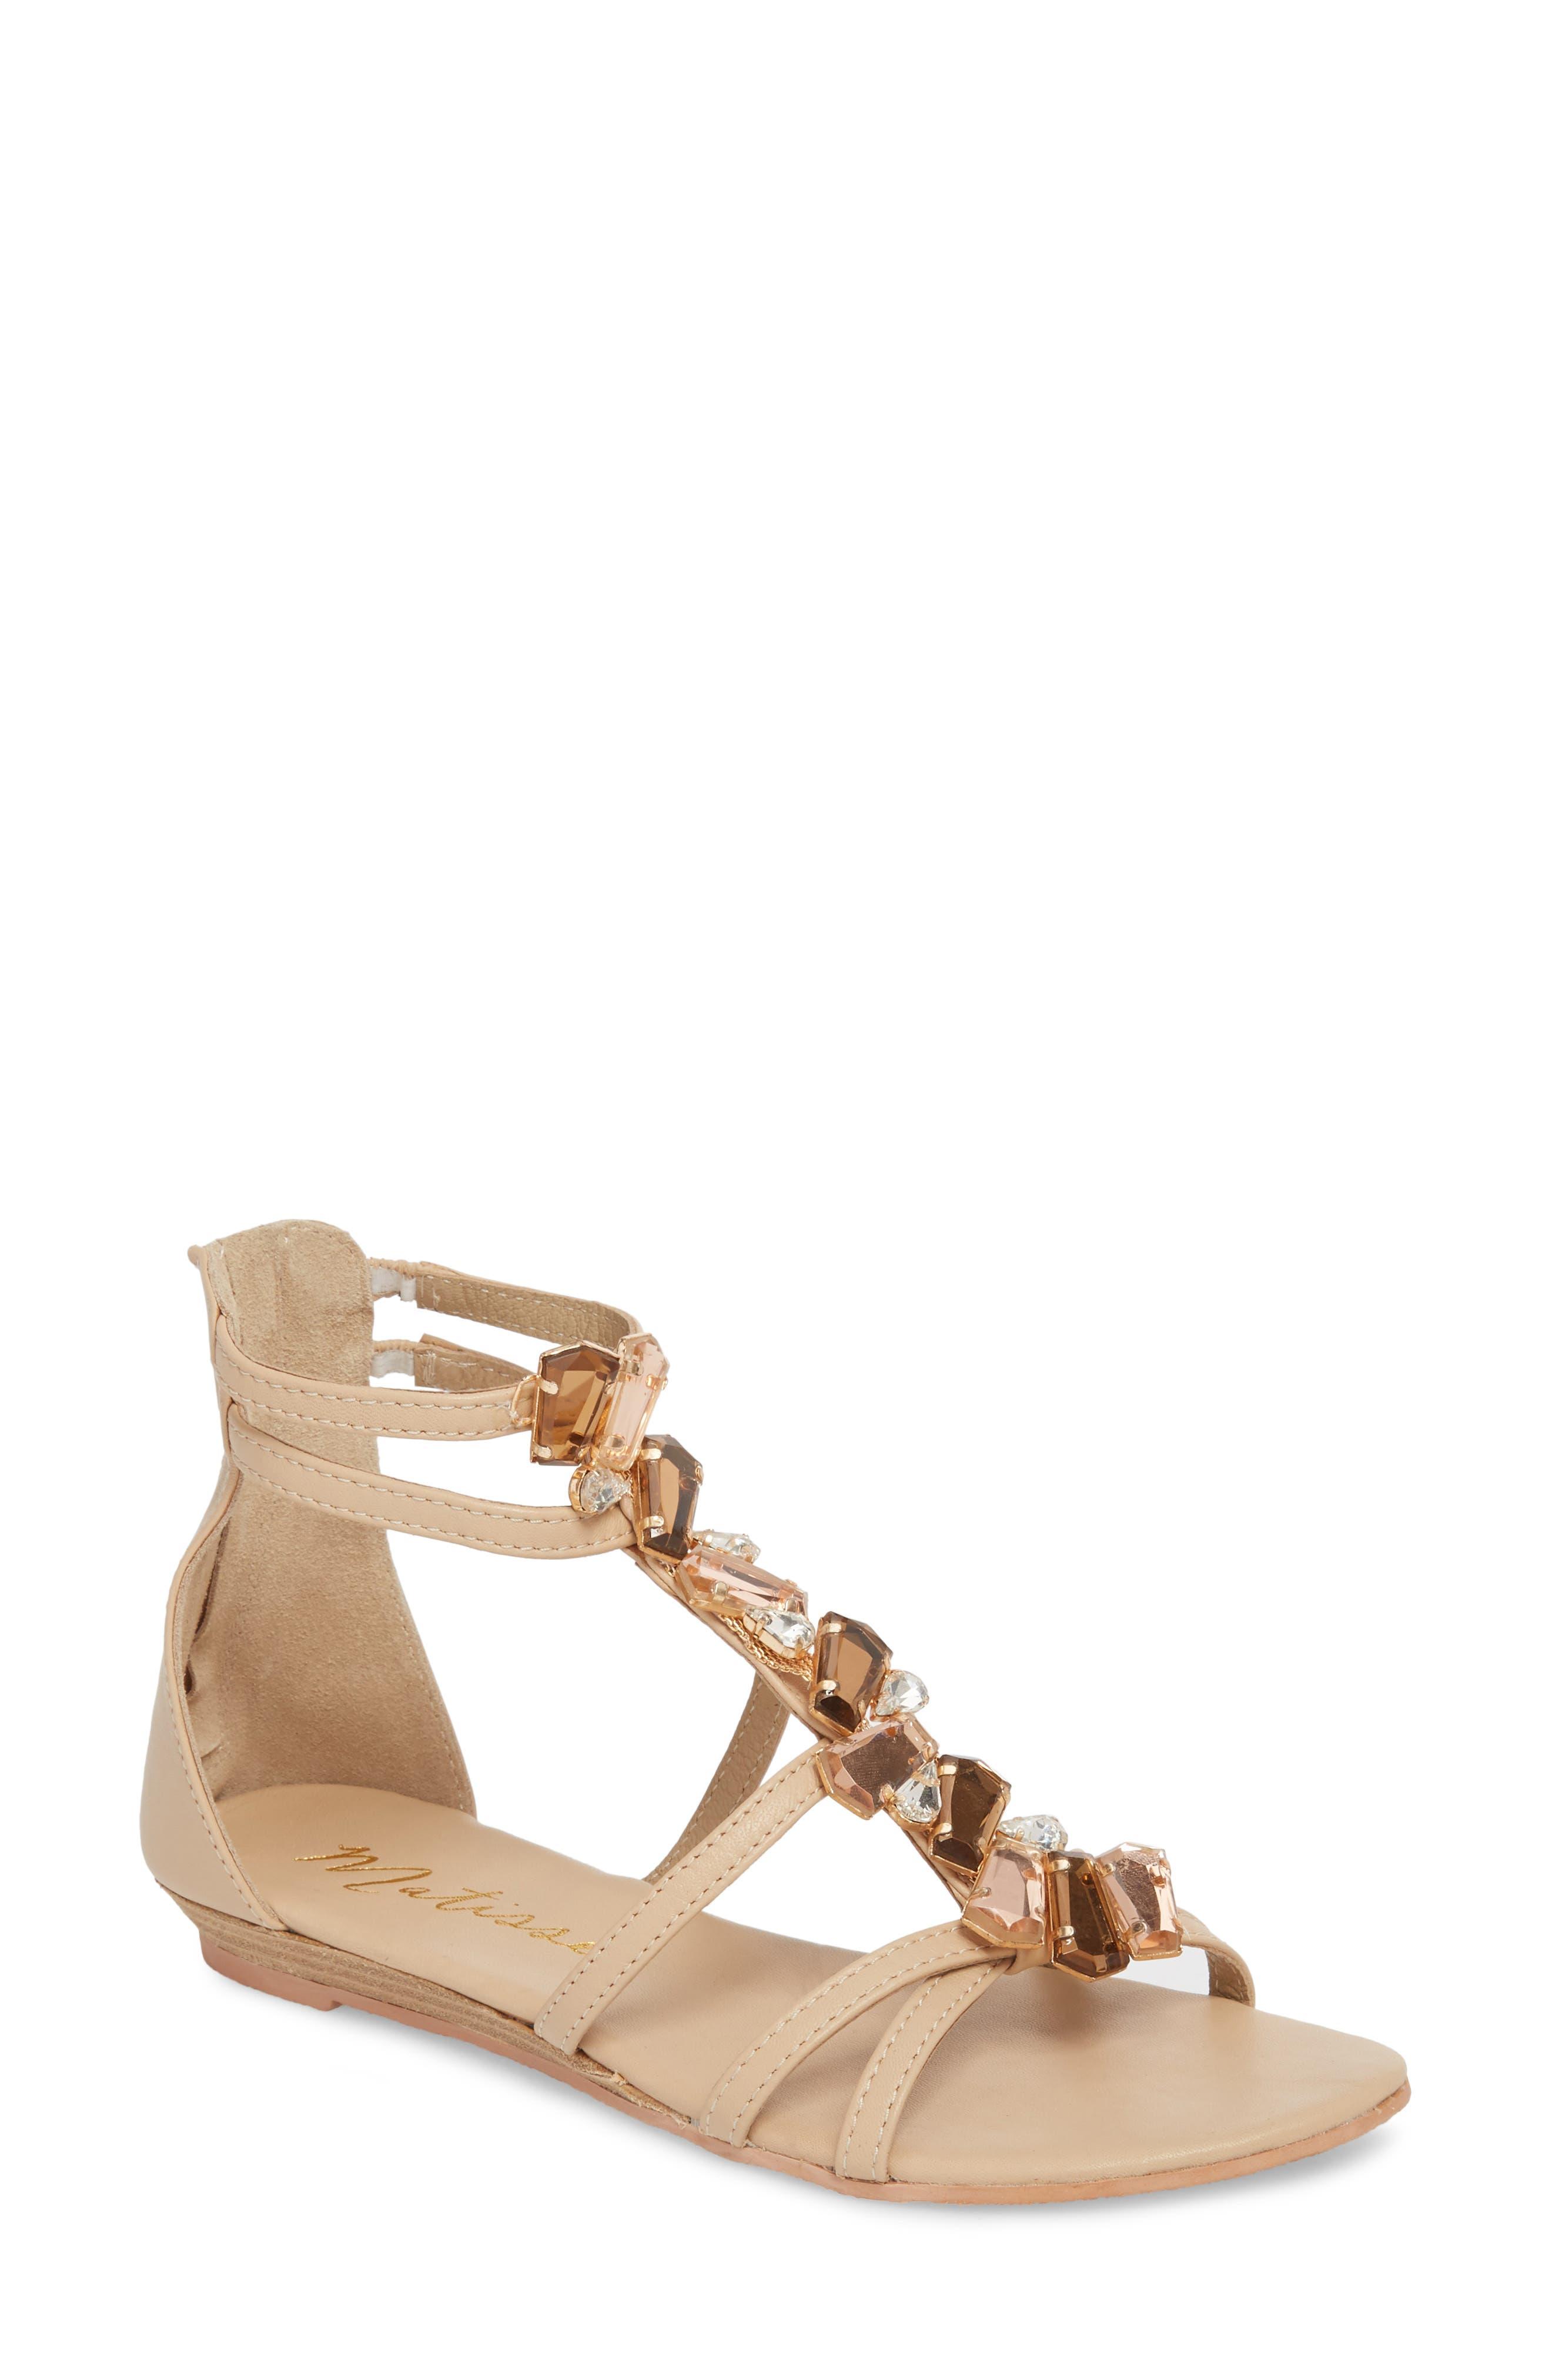 Matisse Didi Crystal Embellished Sandal, Pink